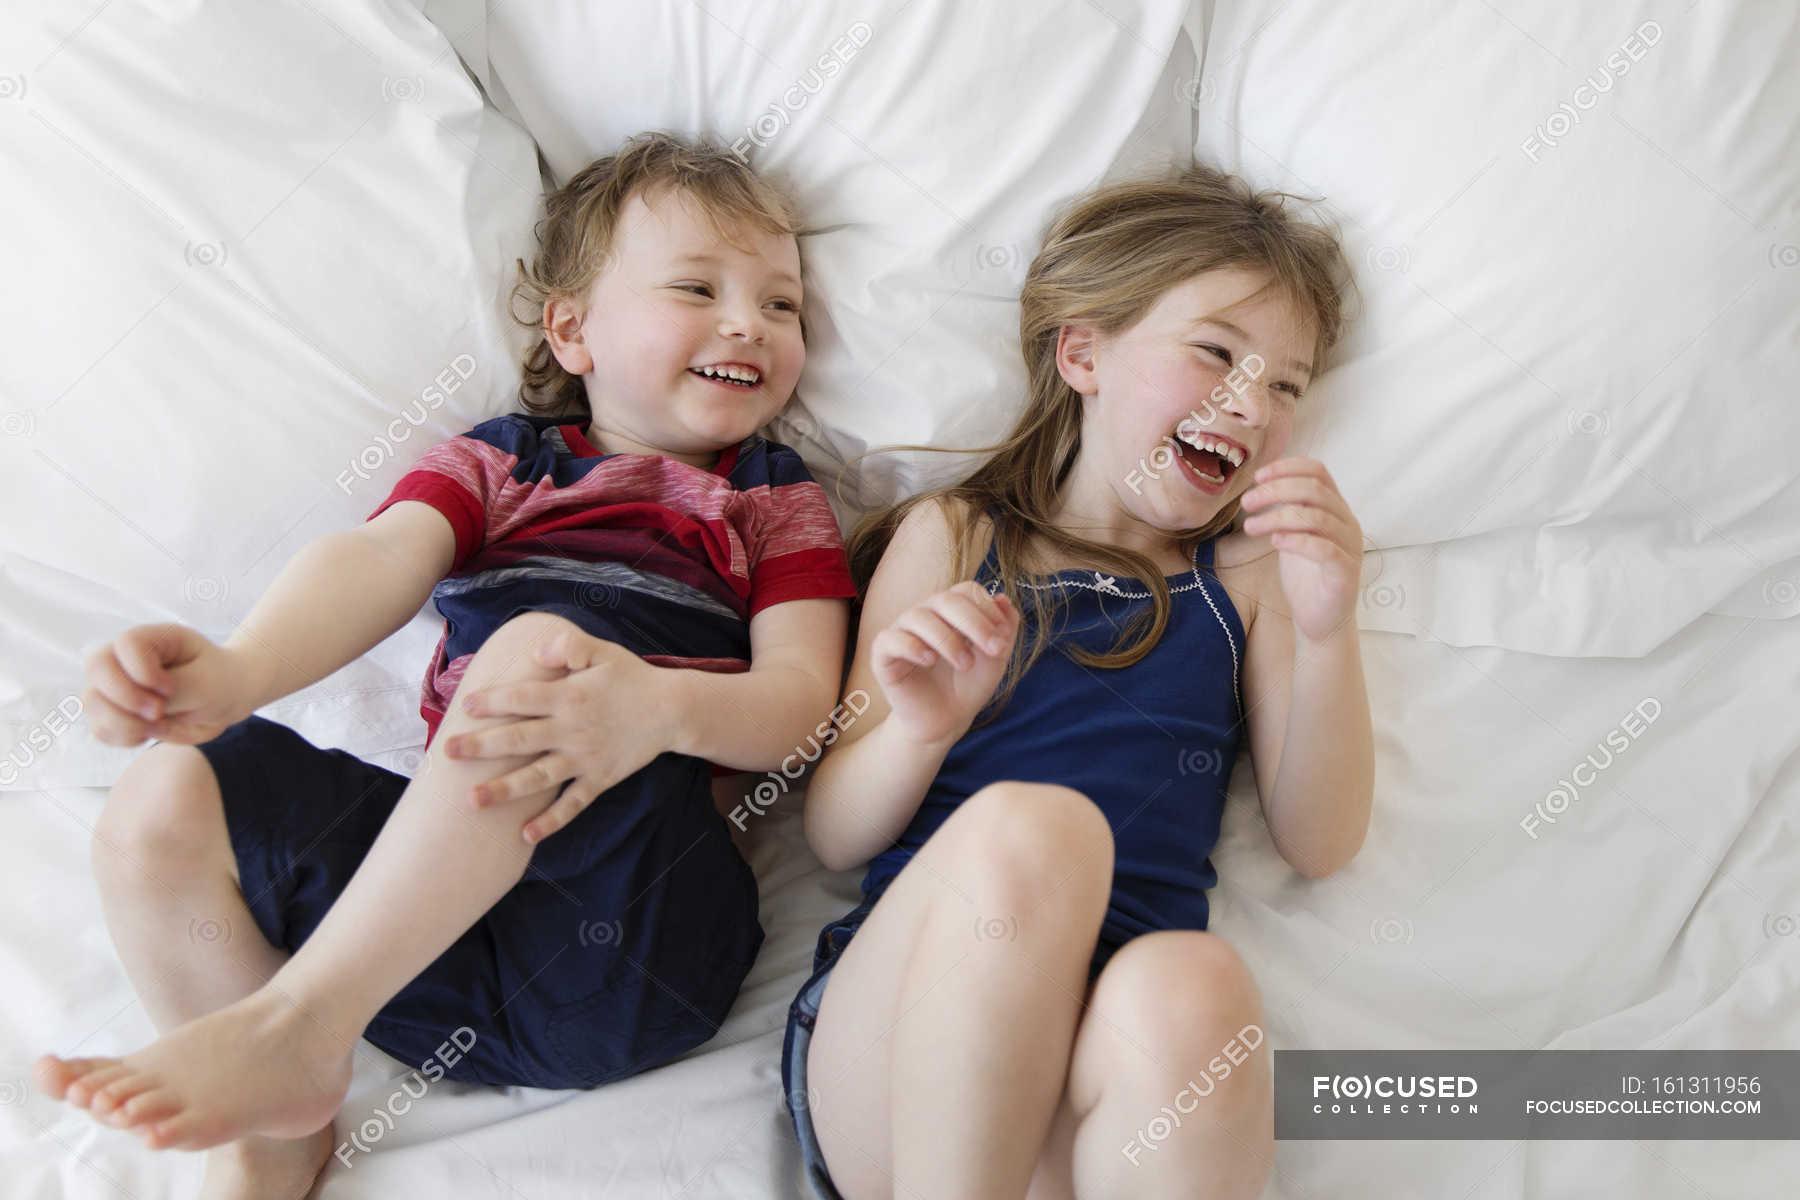 Пьяный брат трахнул пьяную сестру, Смотреть поимел спящую сестру дественицу онлайн 9 фотография